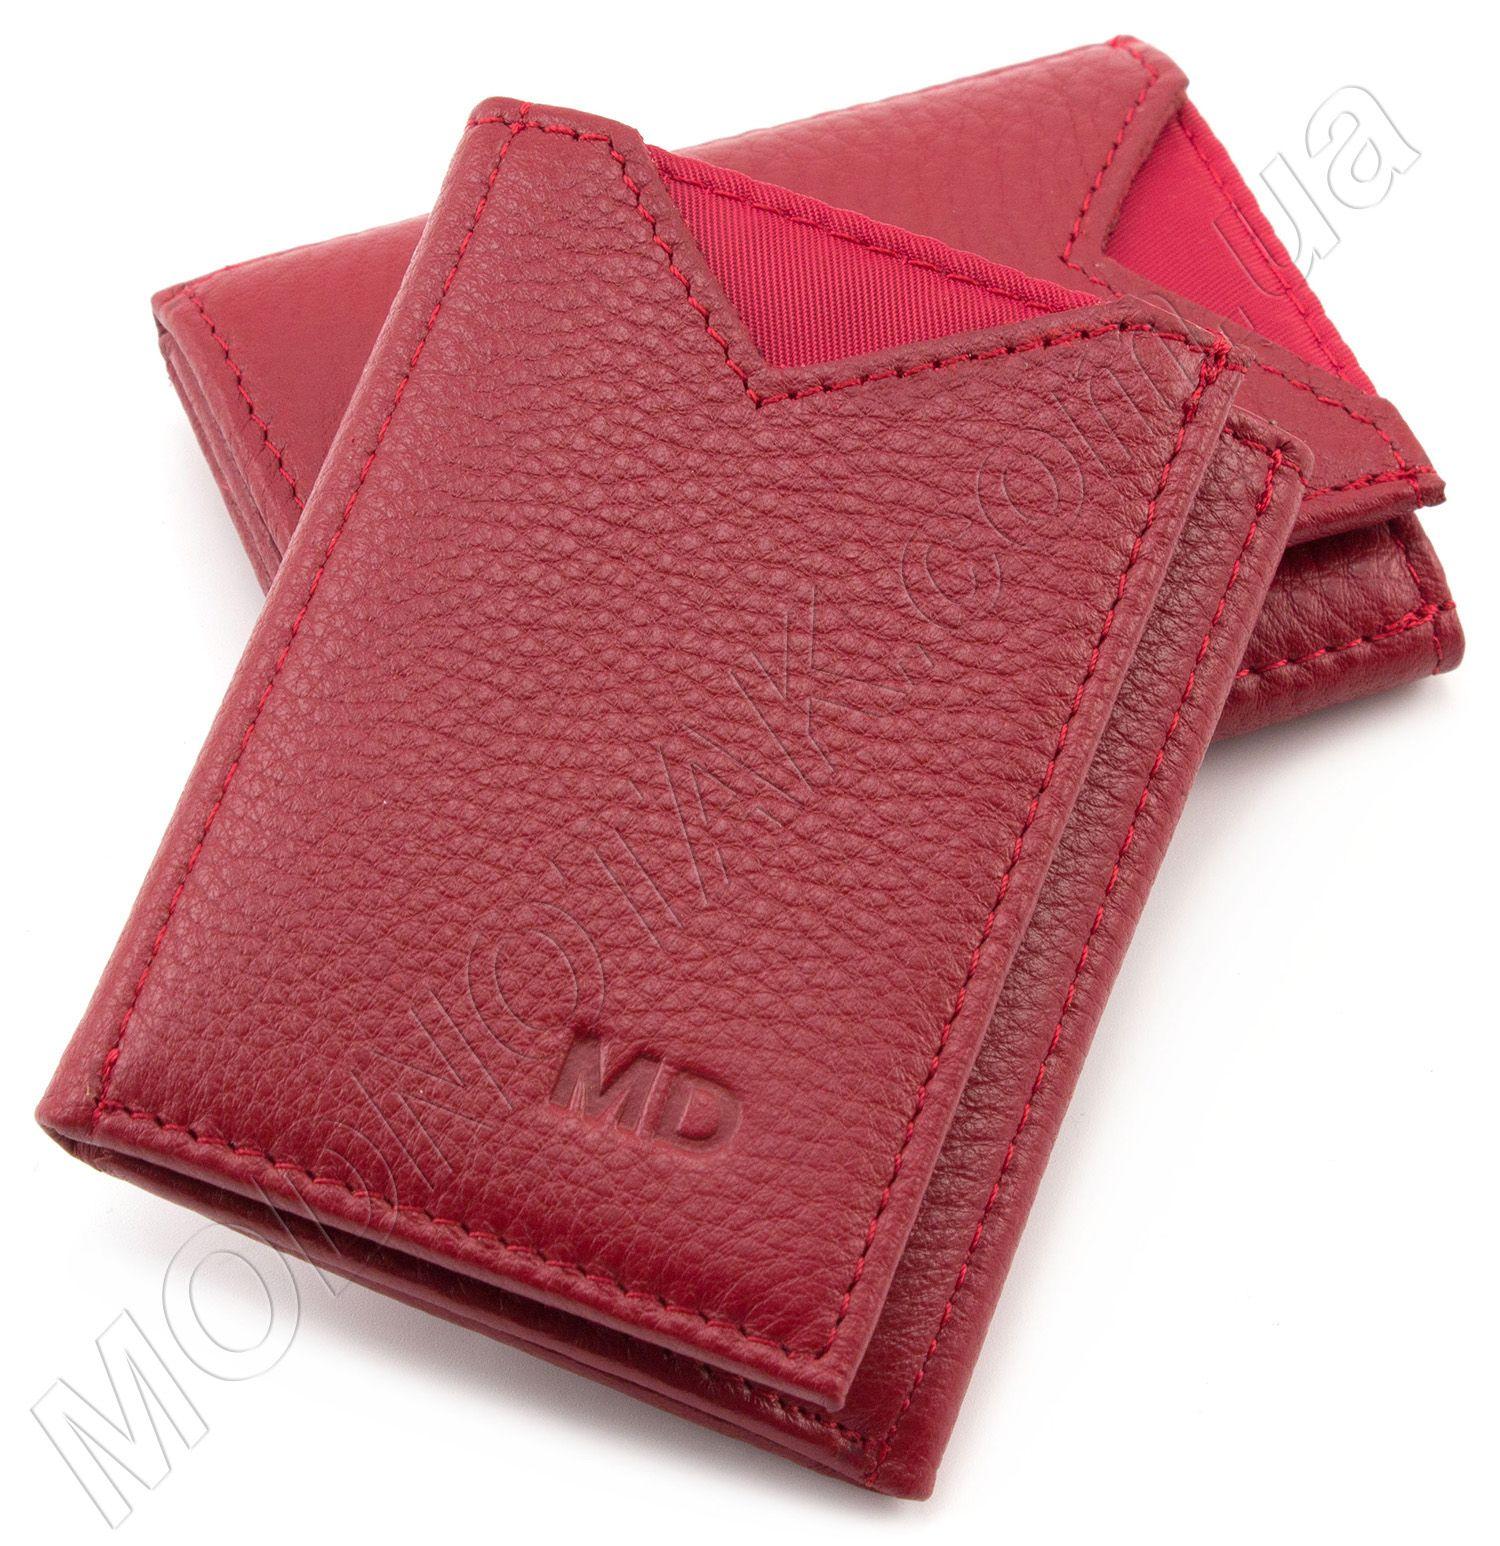 a7dc030c1e42 Маленький женский кошелек красного цвета MD Leather: купить ...